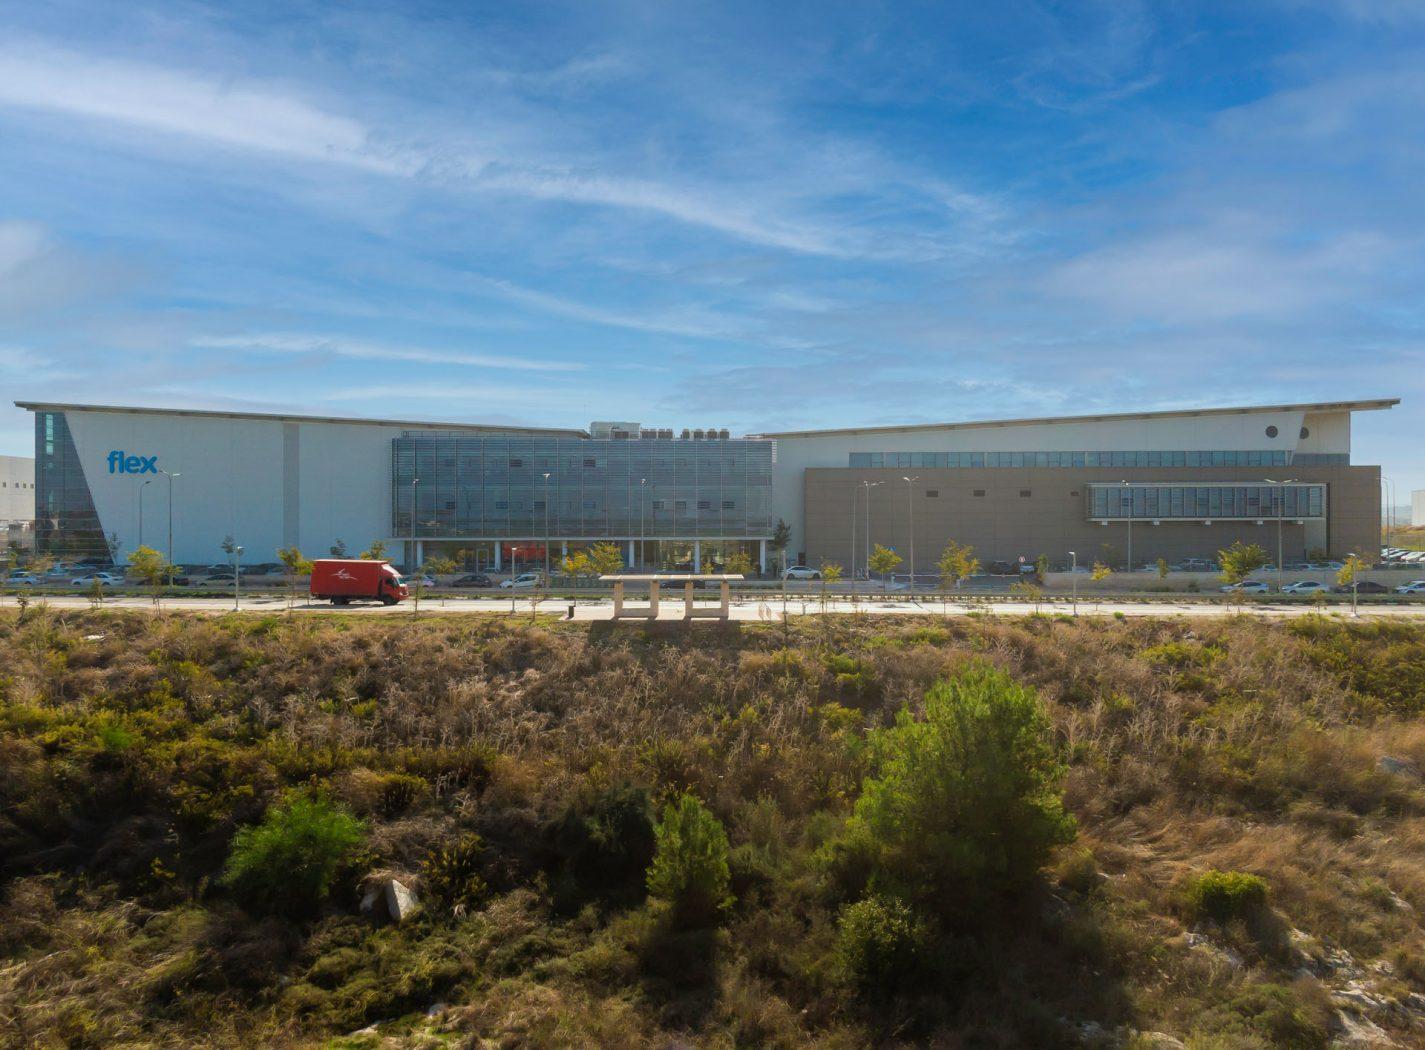 צילום של מרכז ניהול FLEX